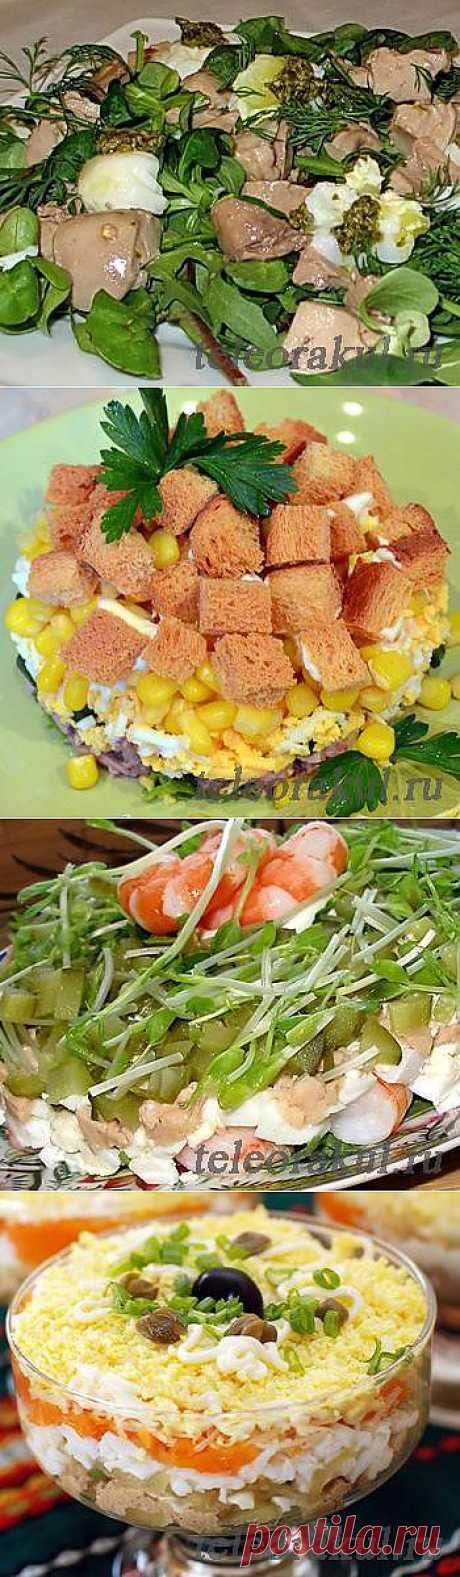 Салат из печени трески - рецепты с фото